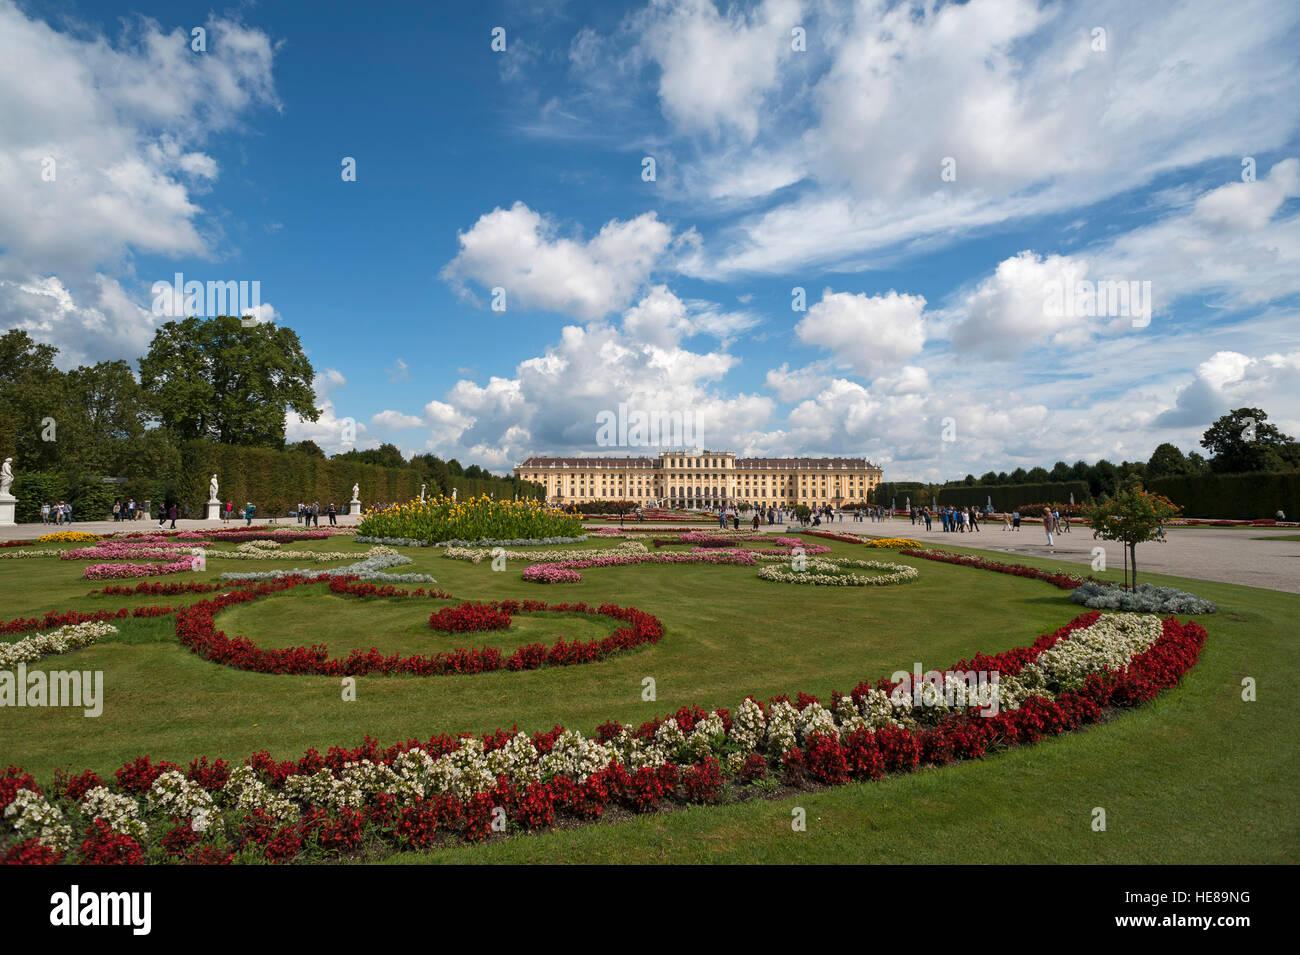 Cama de flor en park, el Palacio de Schönbrunn, Viena, Austria Imagen De Stock